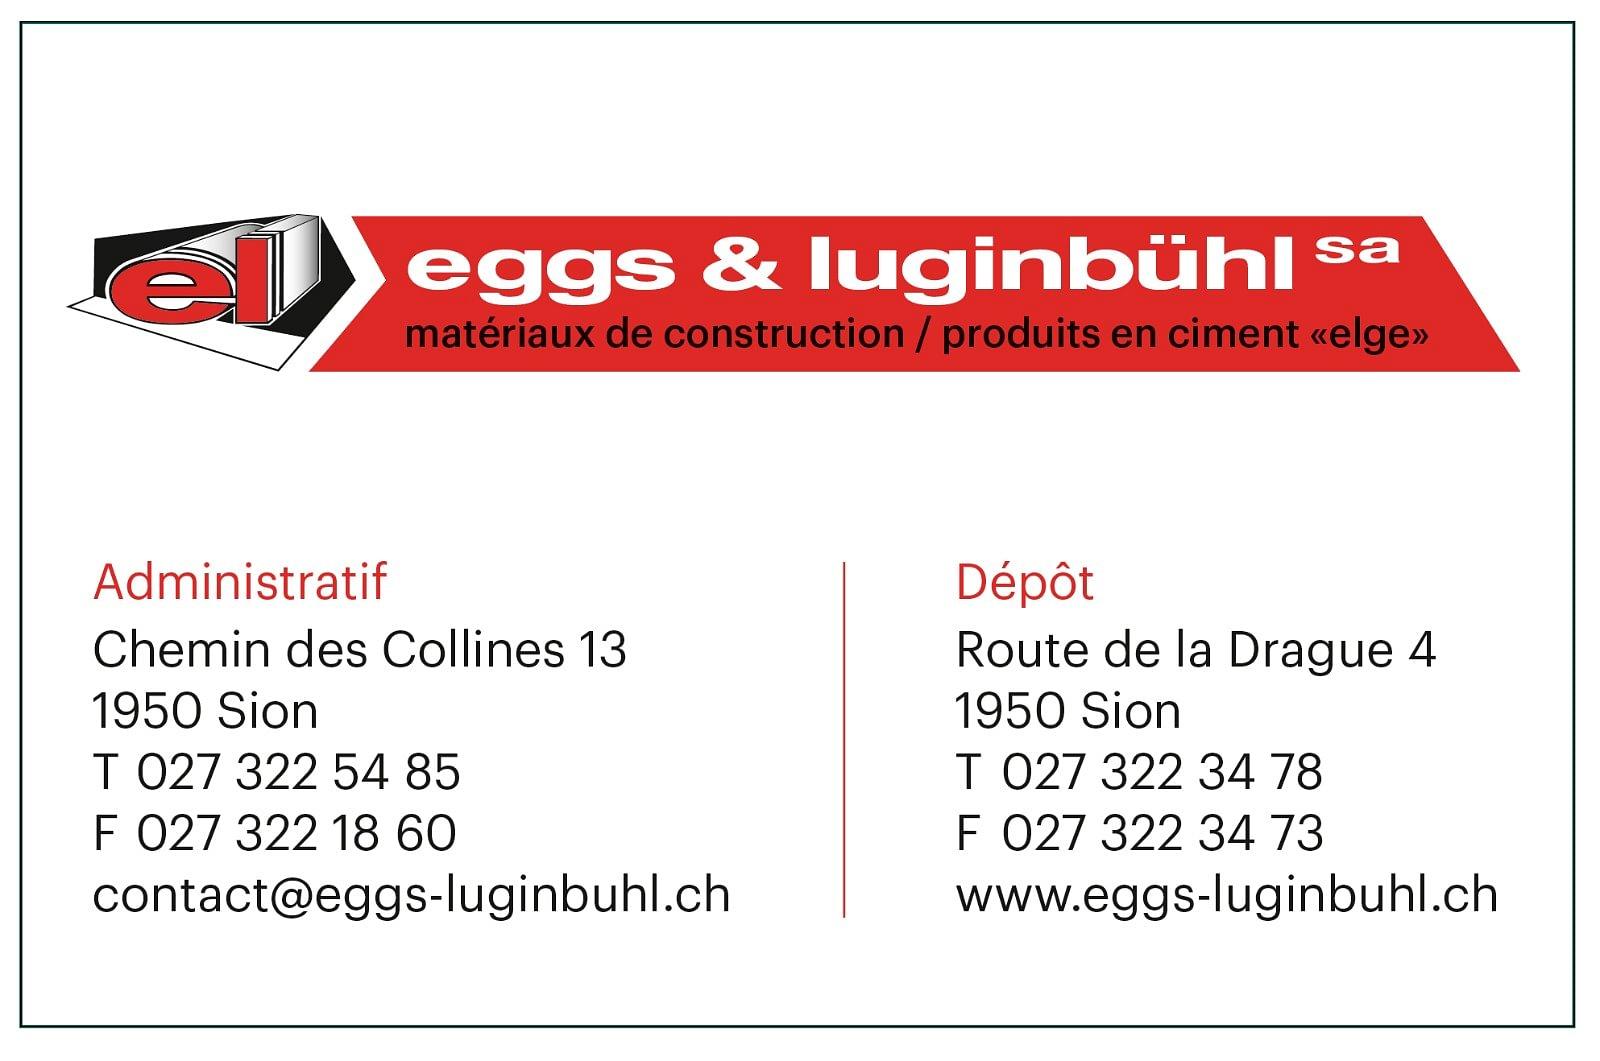 Eggs & Luginbühl SA